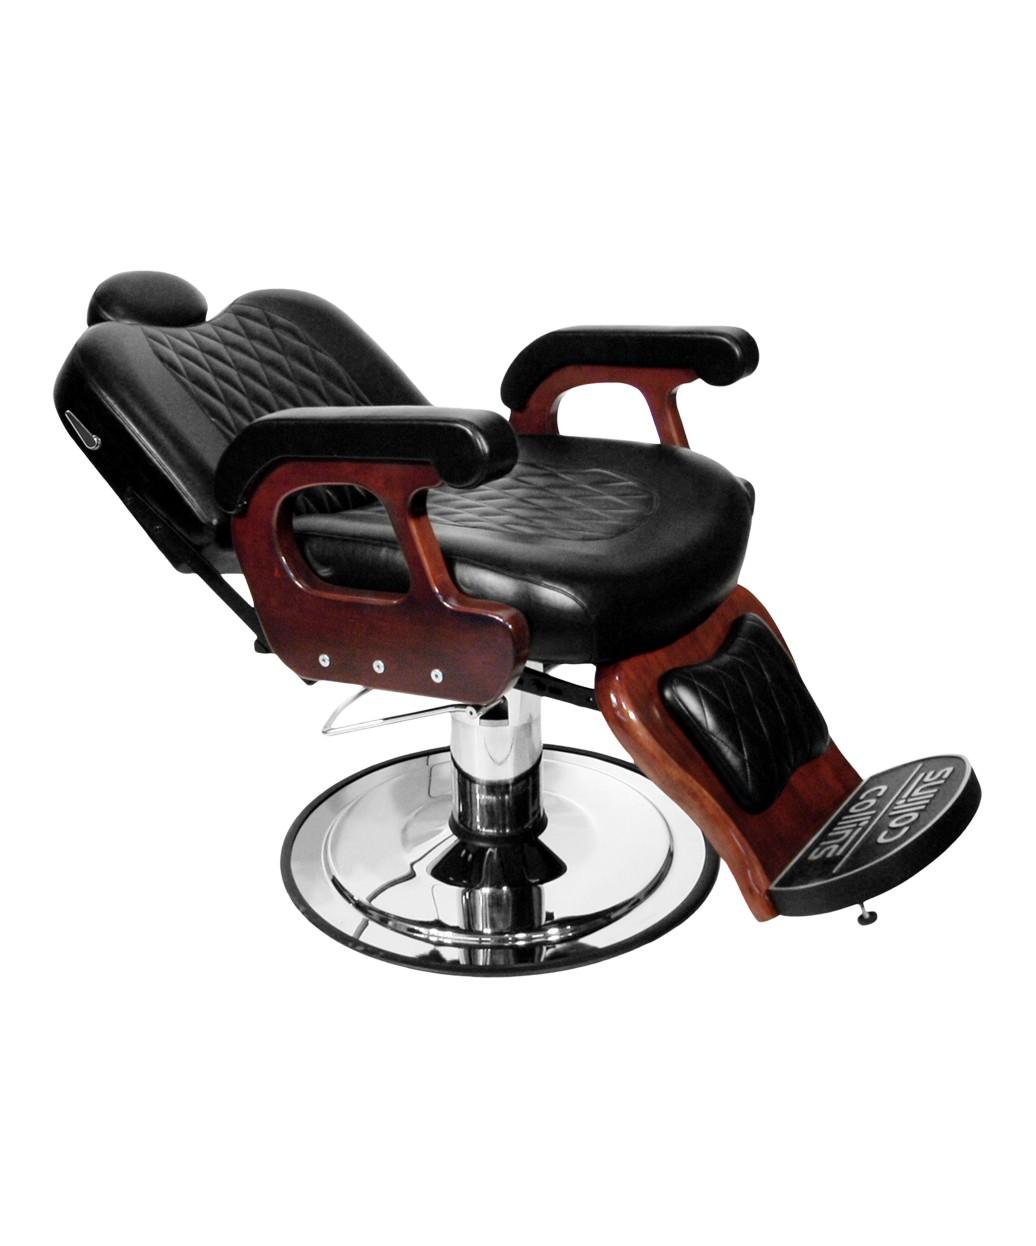 Collins 9060 Commander II Barber Chair